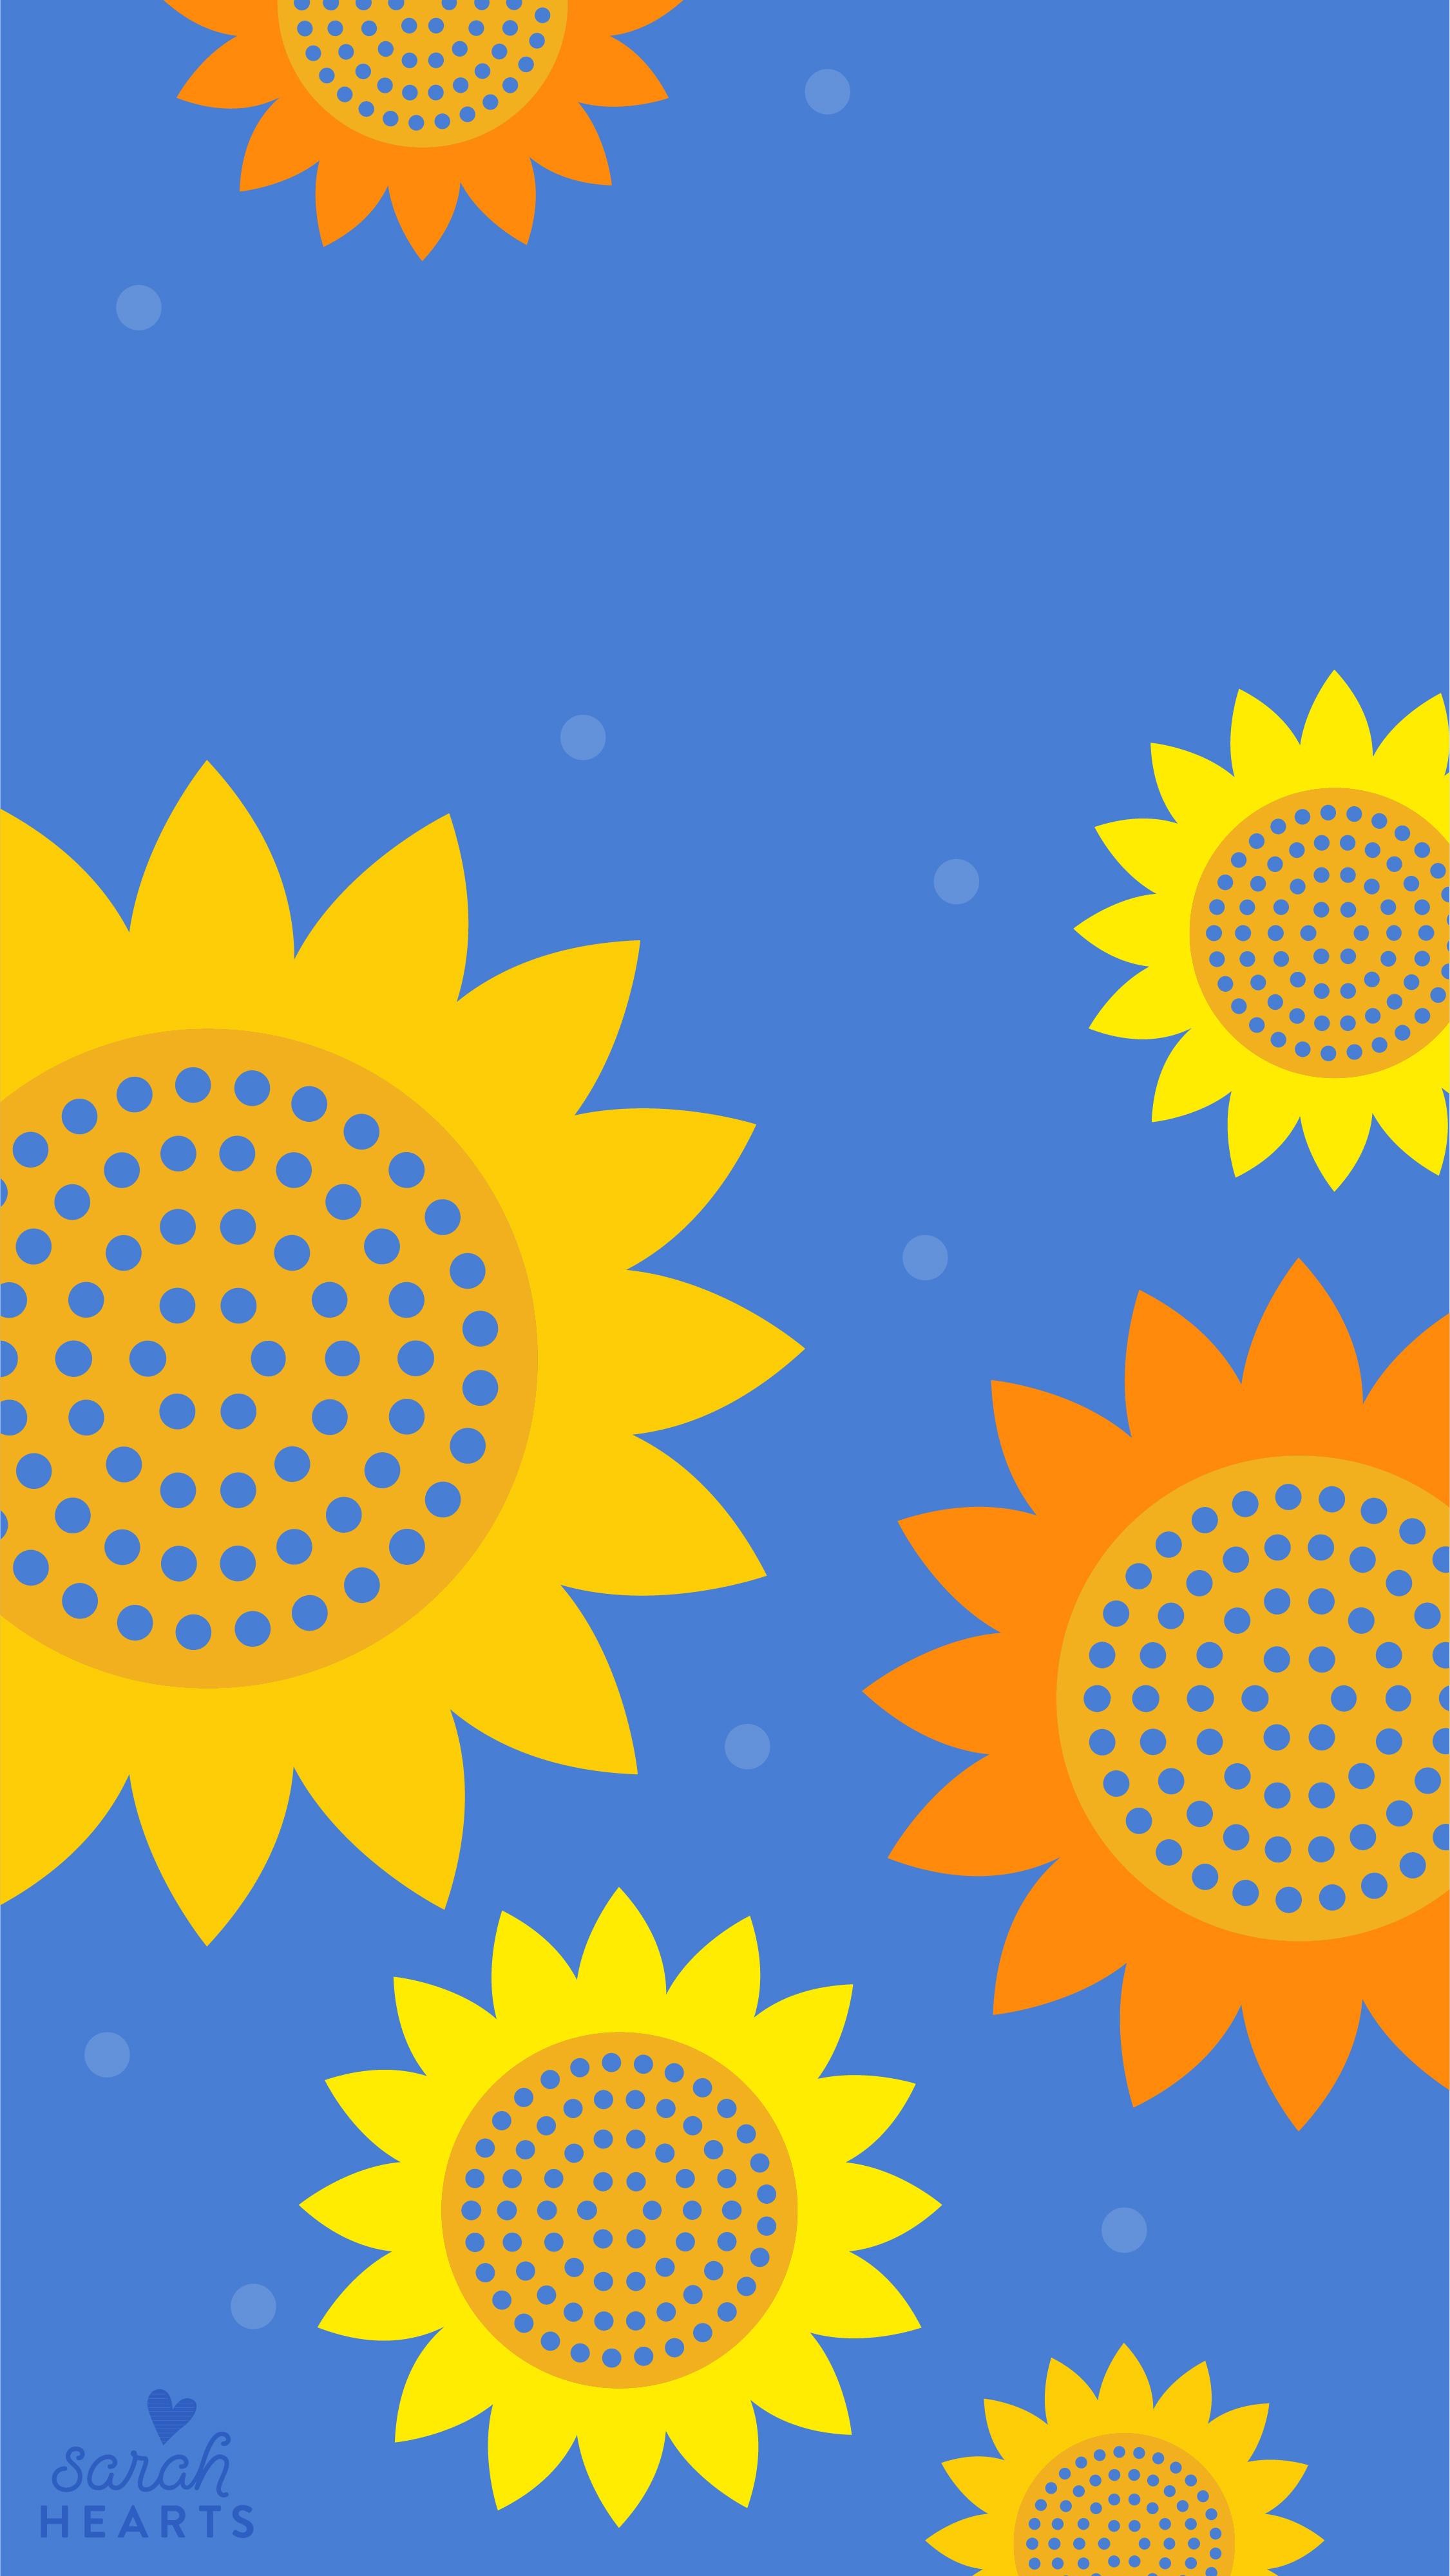 September 2018 Sunflower Calendar Wallpaper Sarah Hearts